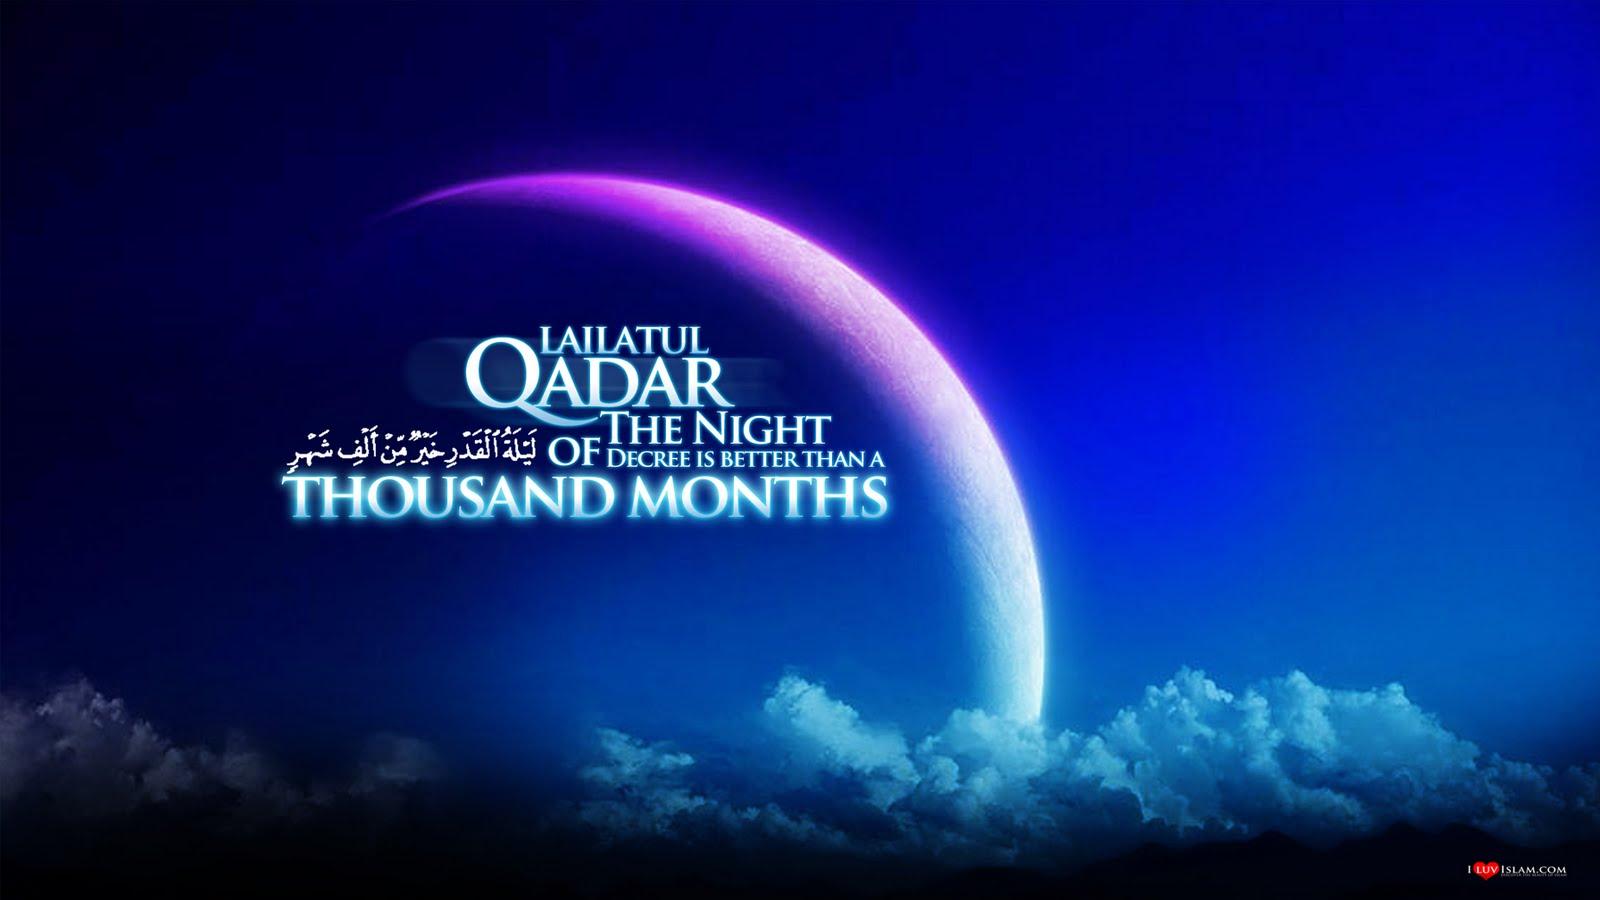 malam lailatul qadar malam seribu bulan